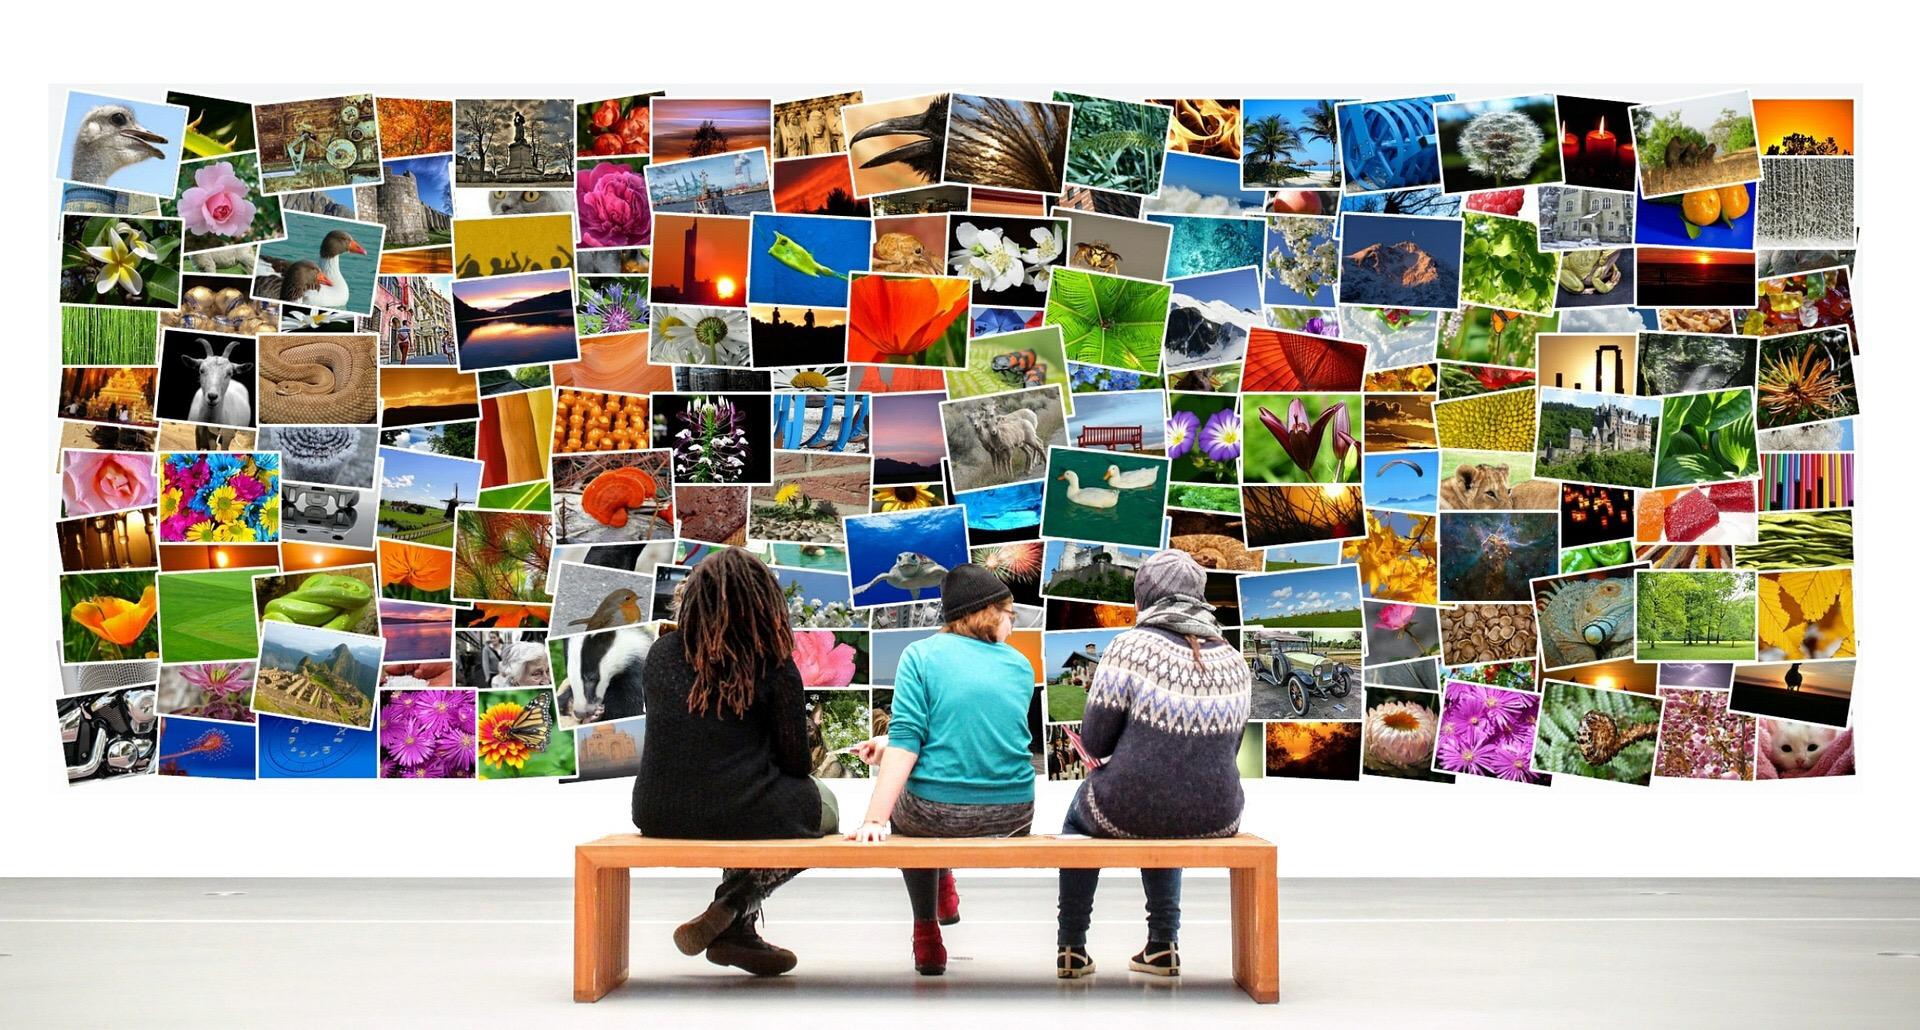 ワードプレスのブログ開設から超短期間で集客を増やすには?